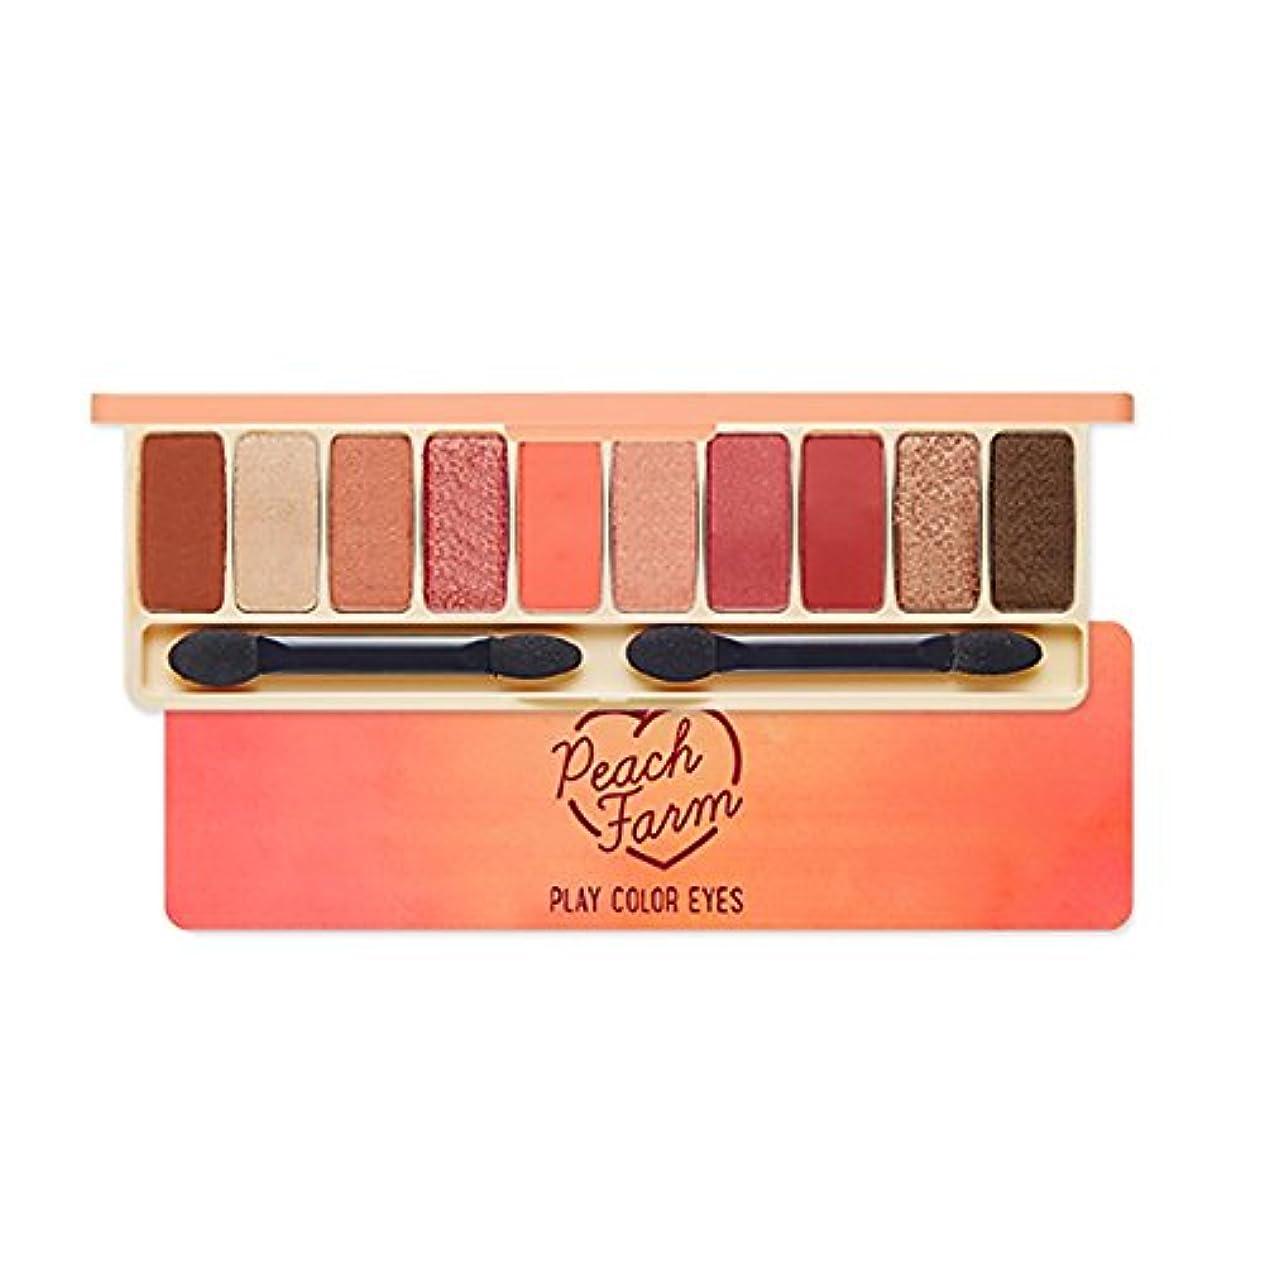 解説全国いくつかのEtude House エチュードハウス New Play Color Eyes Peach Farm Eyeshadow palette アイシャドーパレット 1g*10